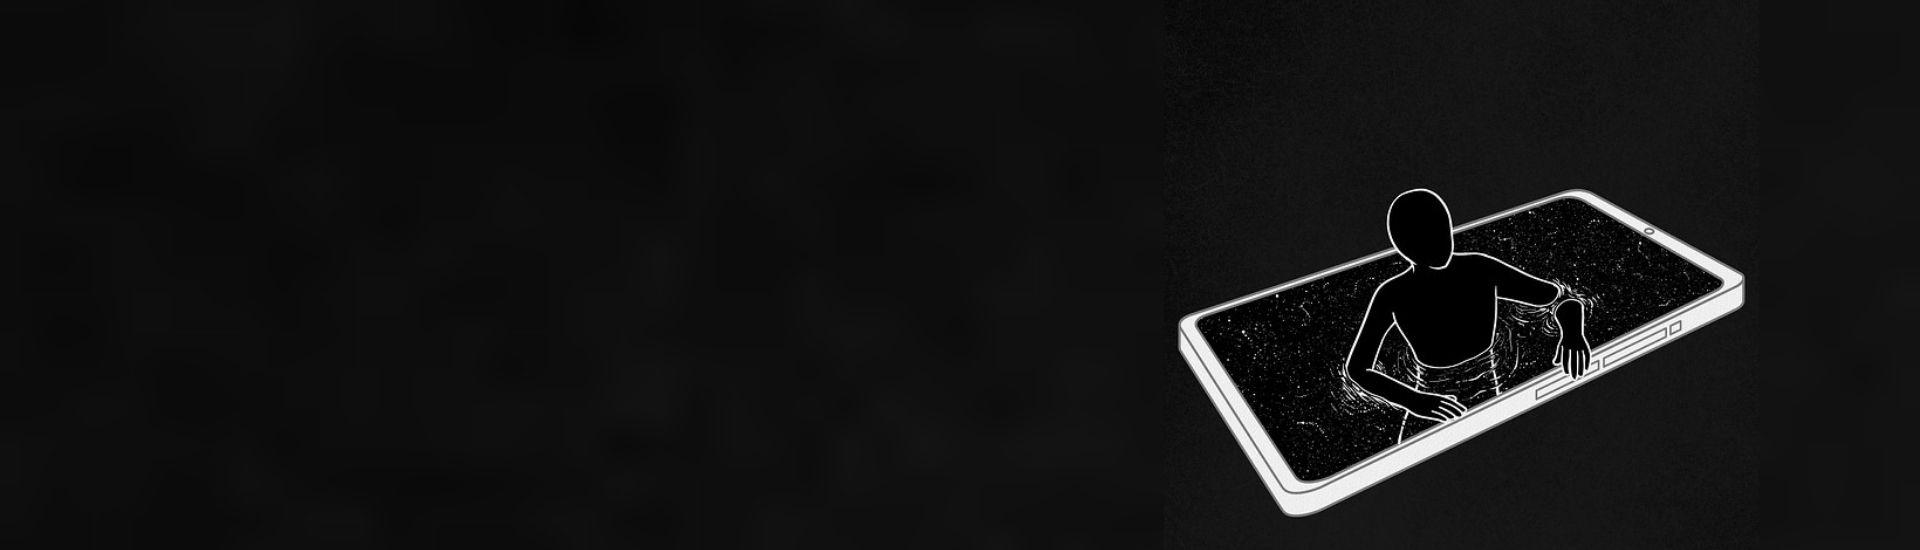 Ilustración de una persona saliendo por la pantalla de un celular